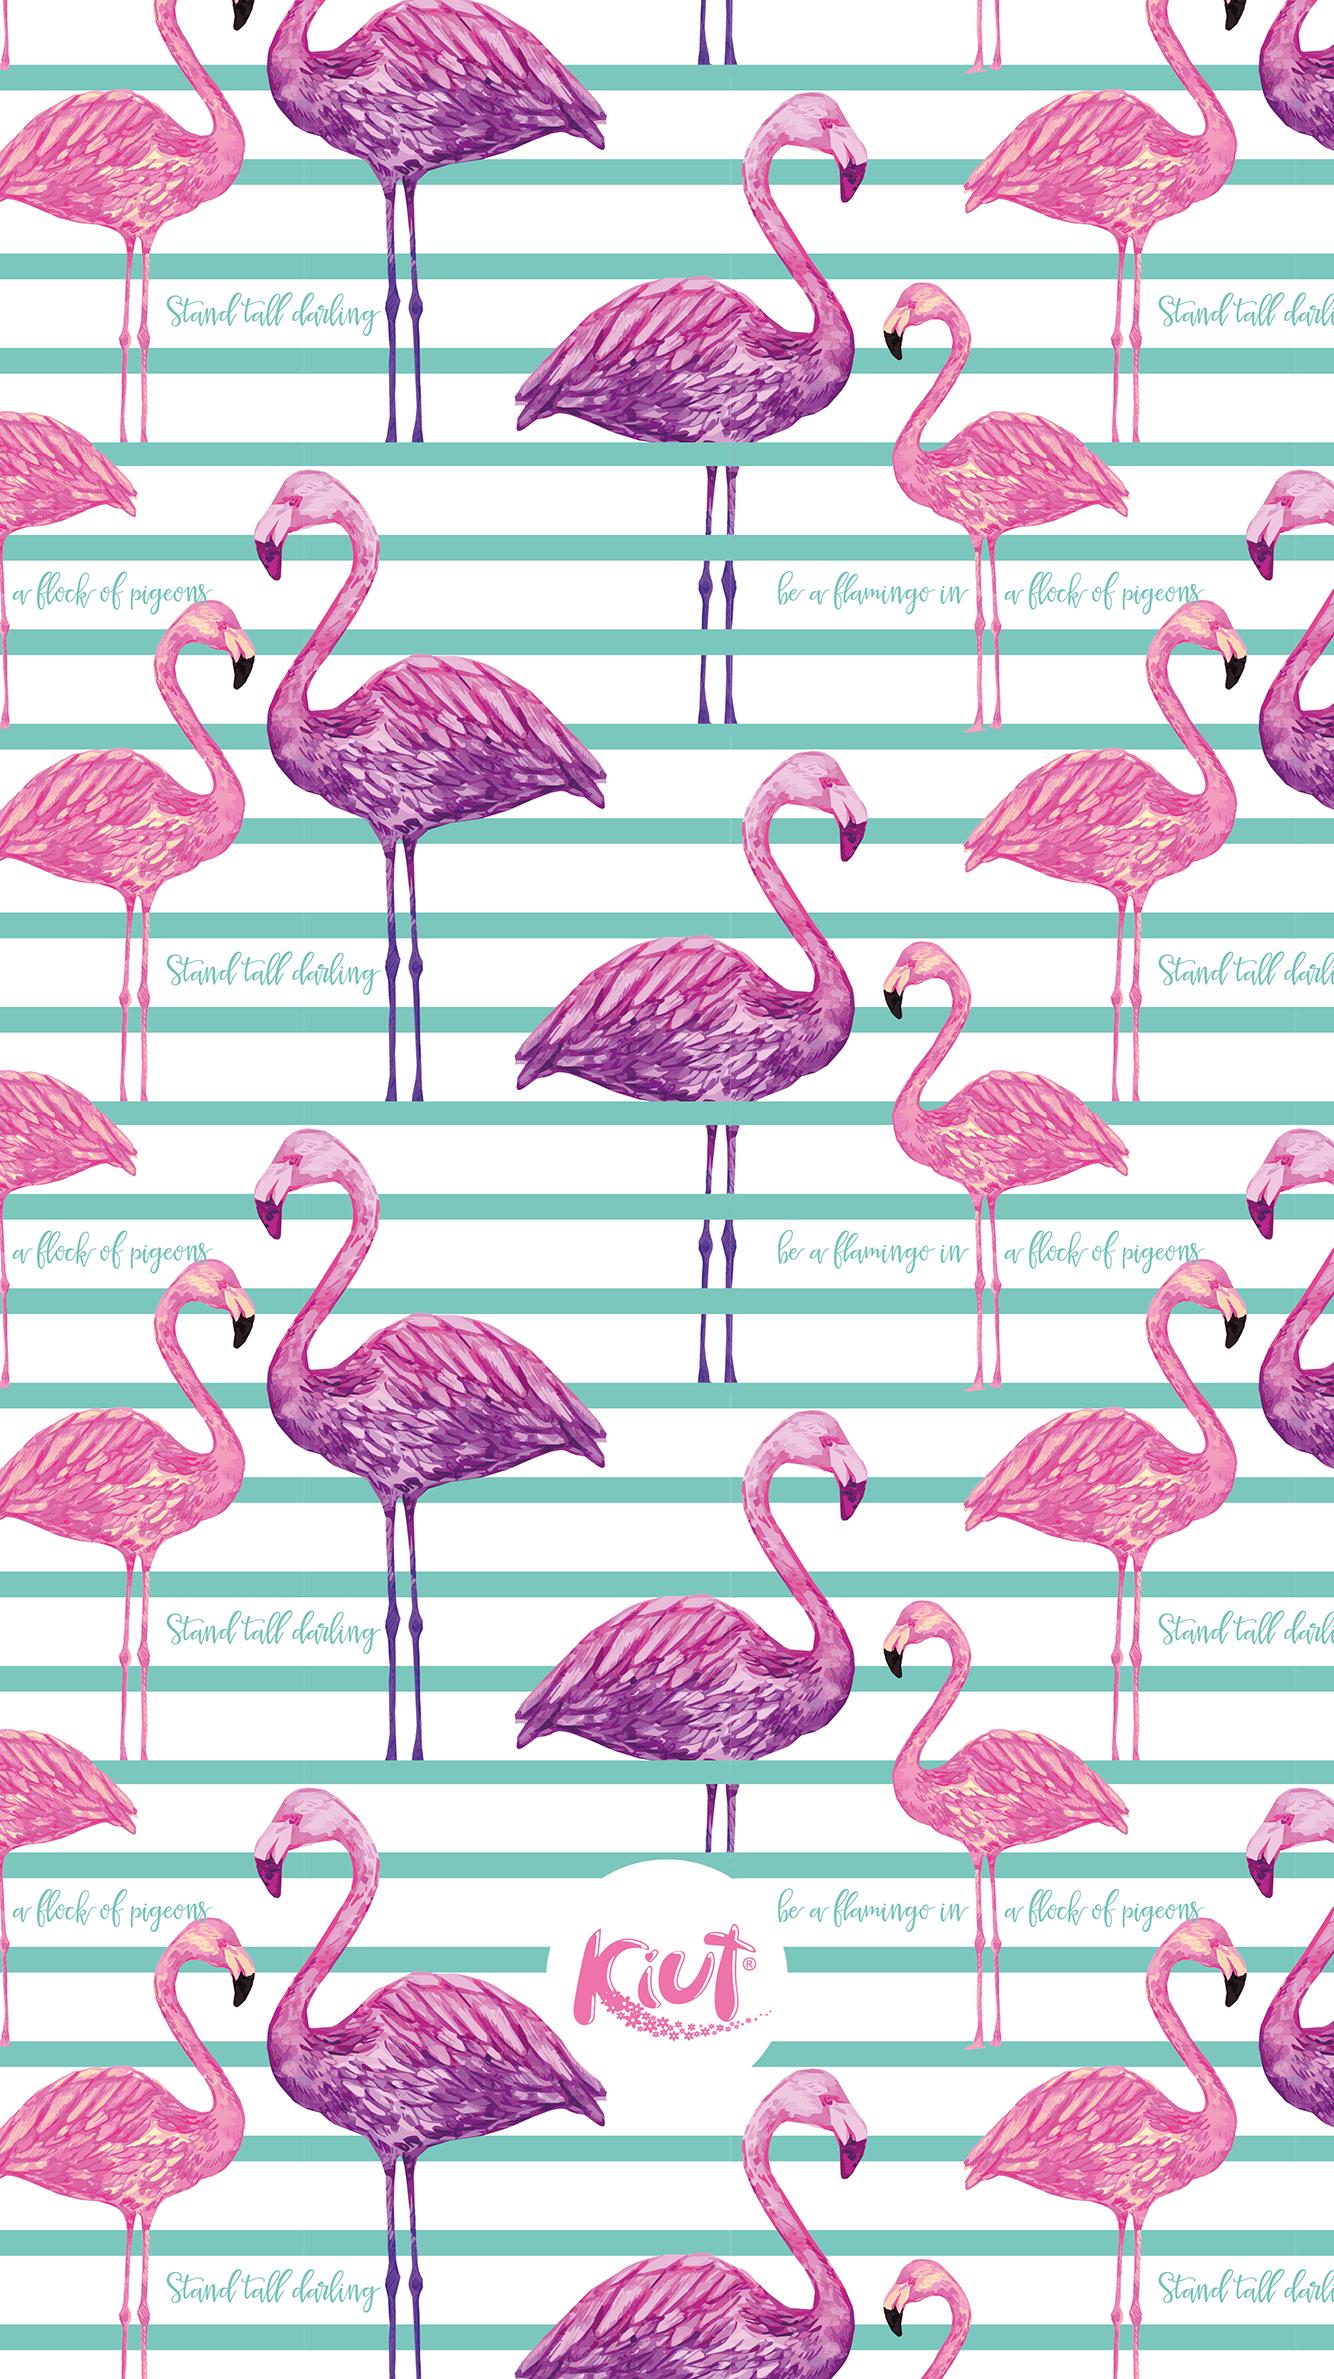 Koleksi Flamingo Wallpaper Pernik Wallpaper